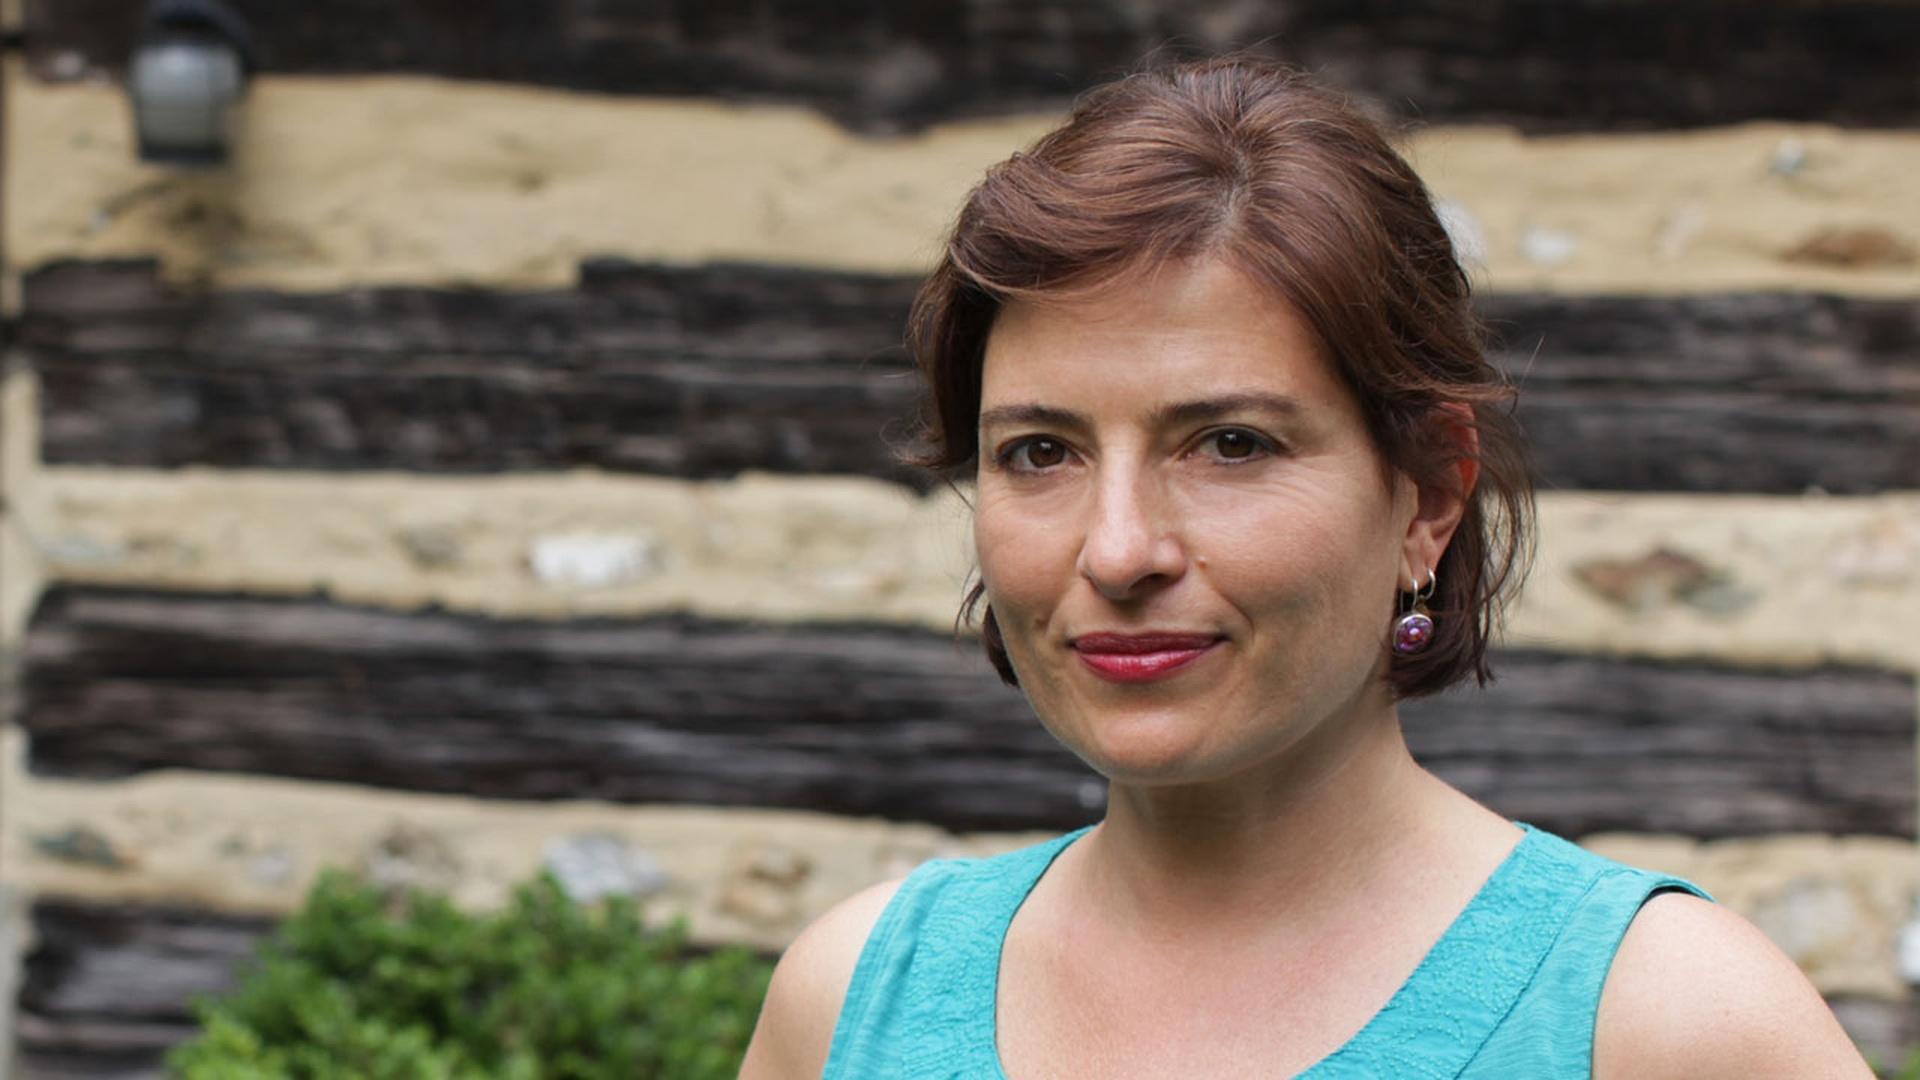 Justine Shapiro